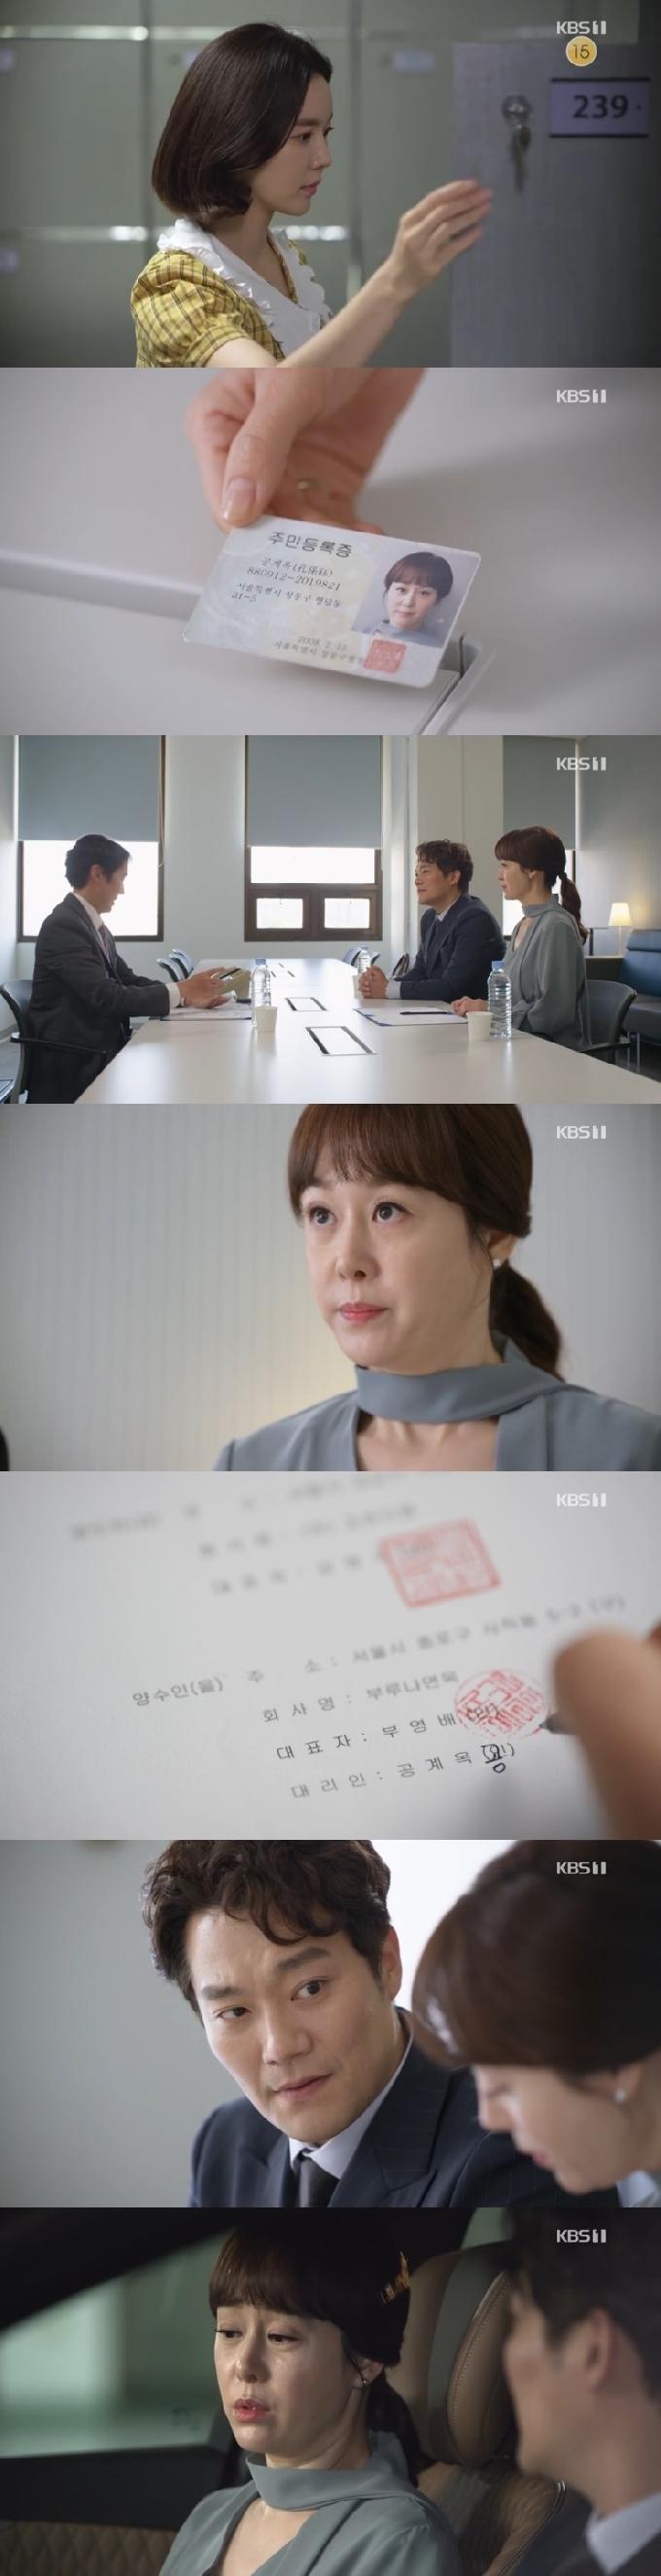 '기막힌 유산' 김난주, 강세정 몰래 계약서 도장 찍었다…조순창